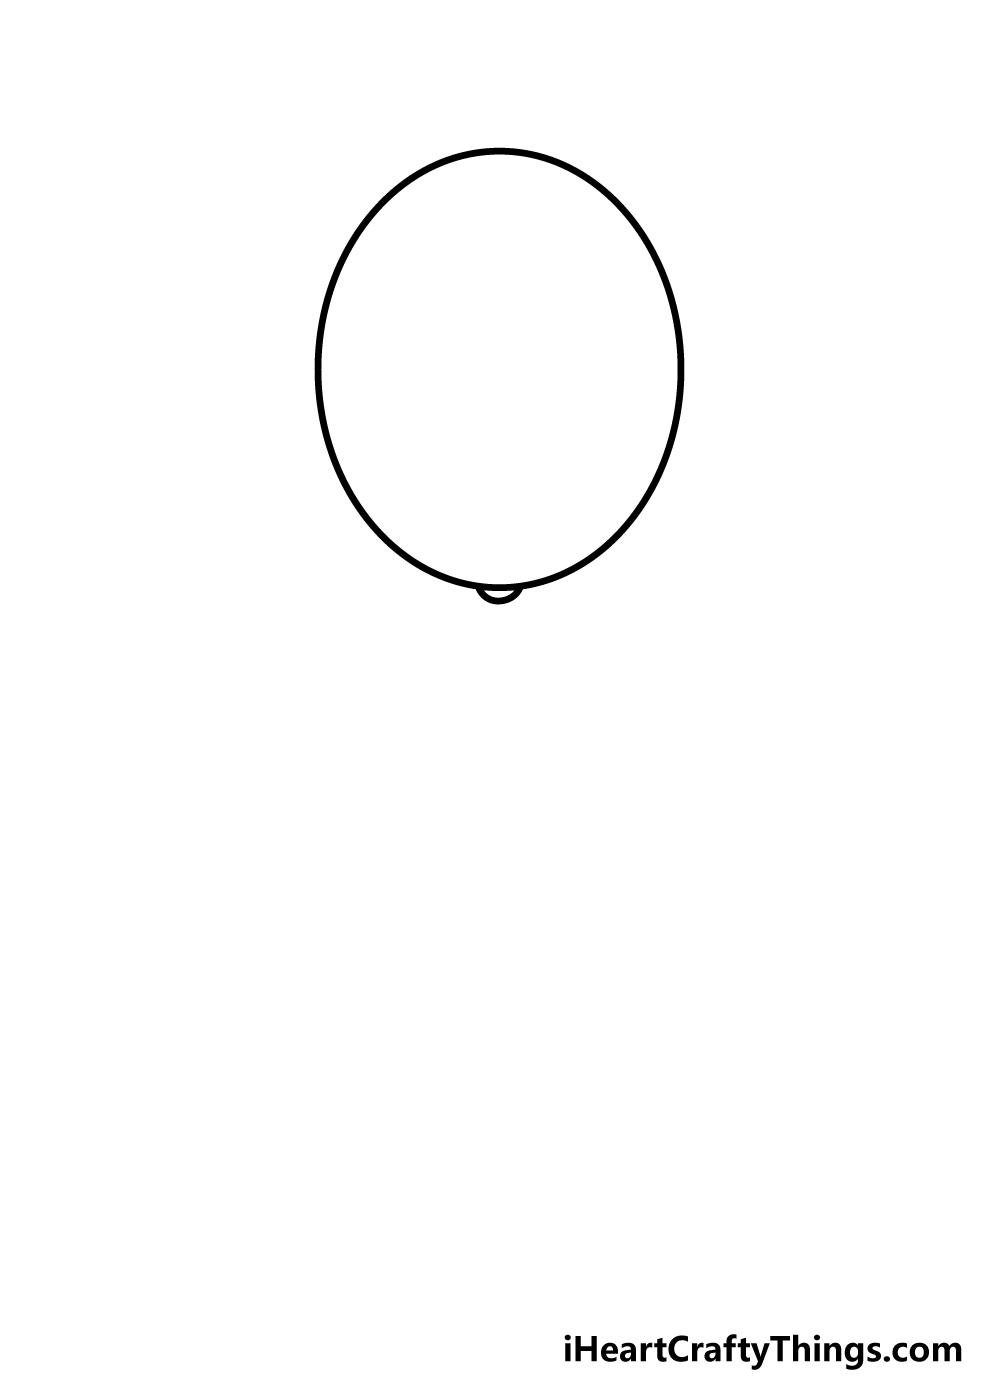 balloons drawing step 3